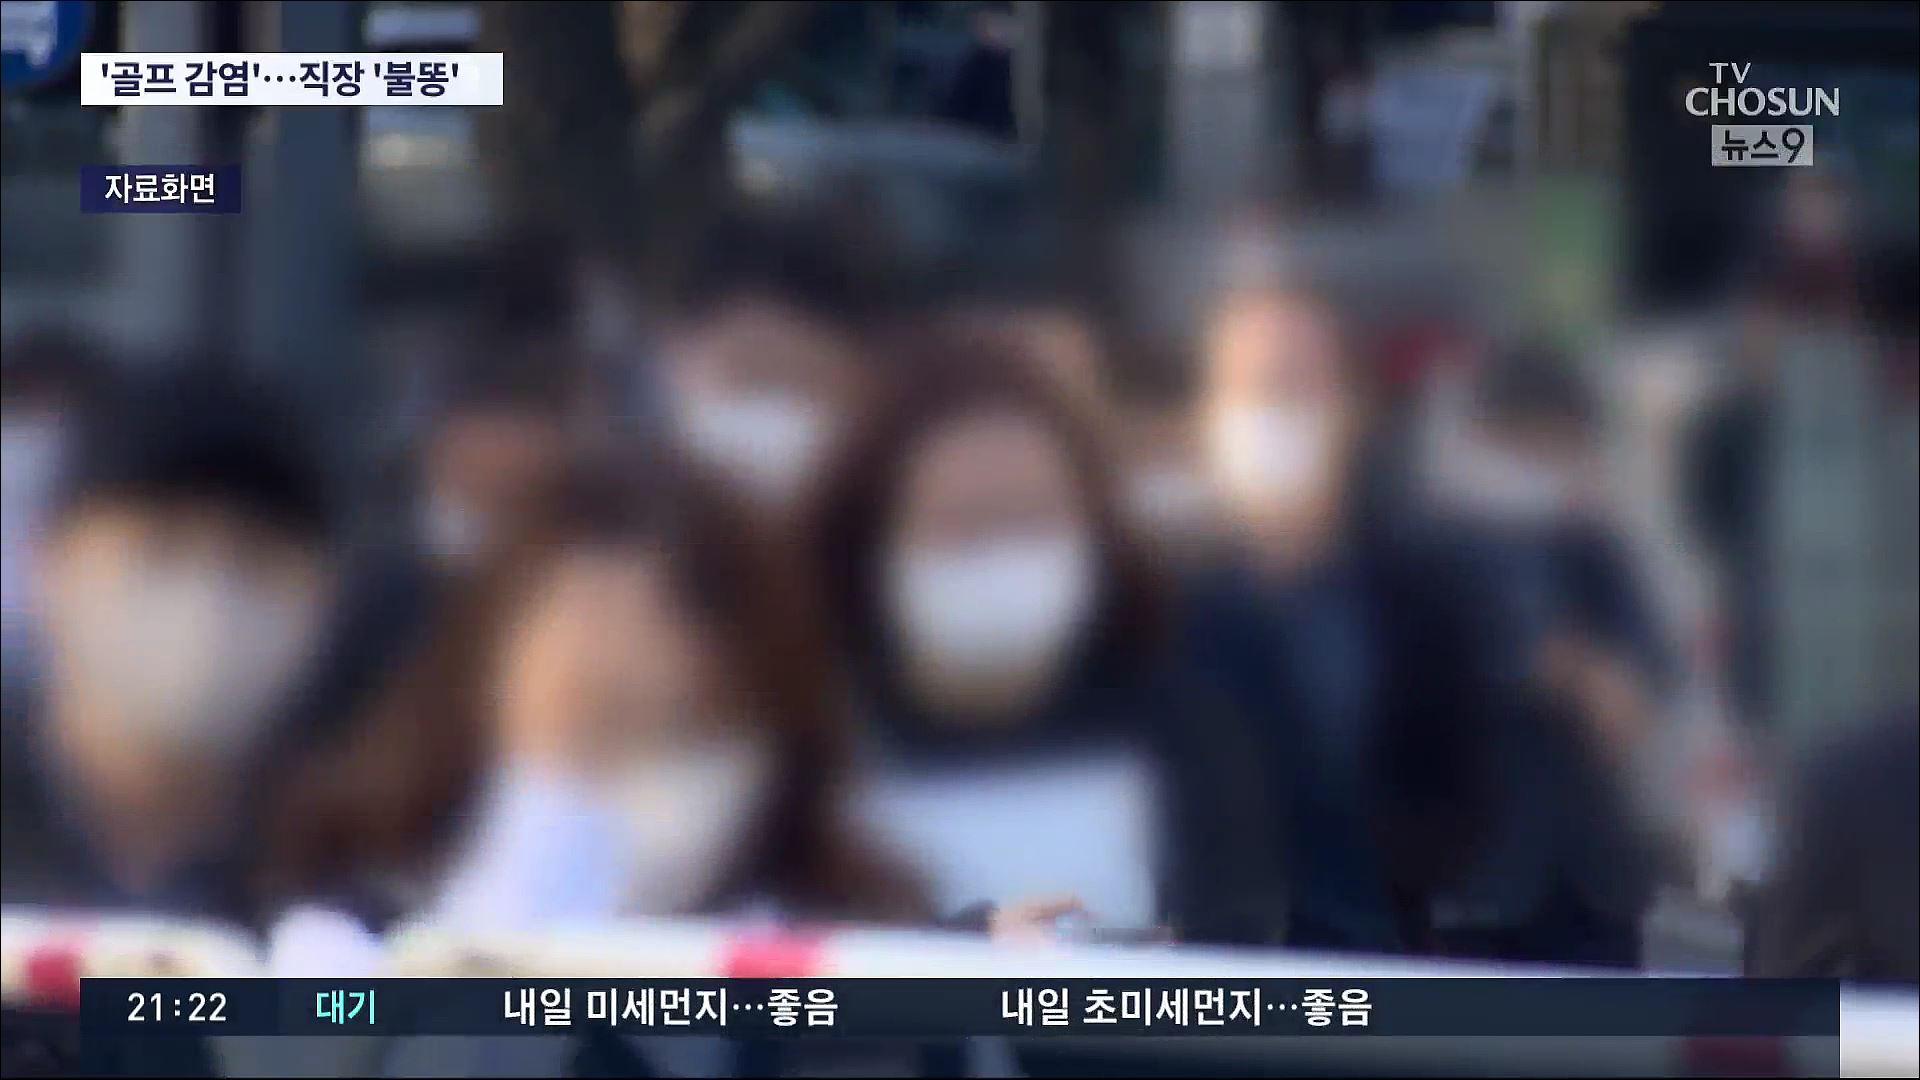 포천 초교서 10명 집단감염…가족 간 전파도 잇따라